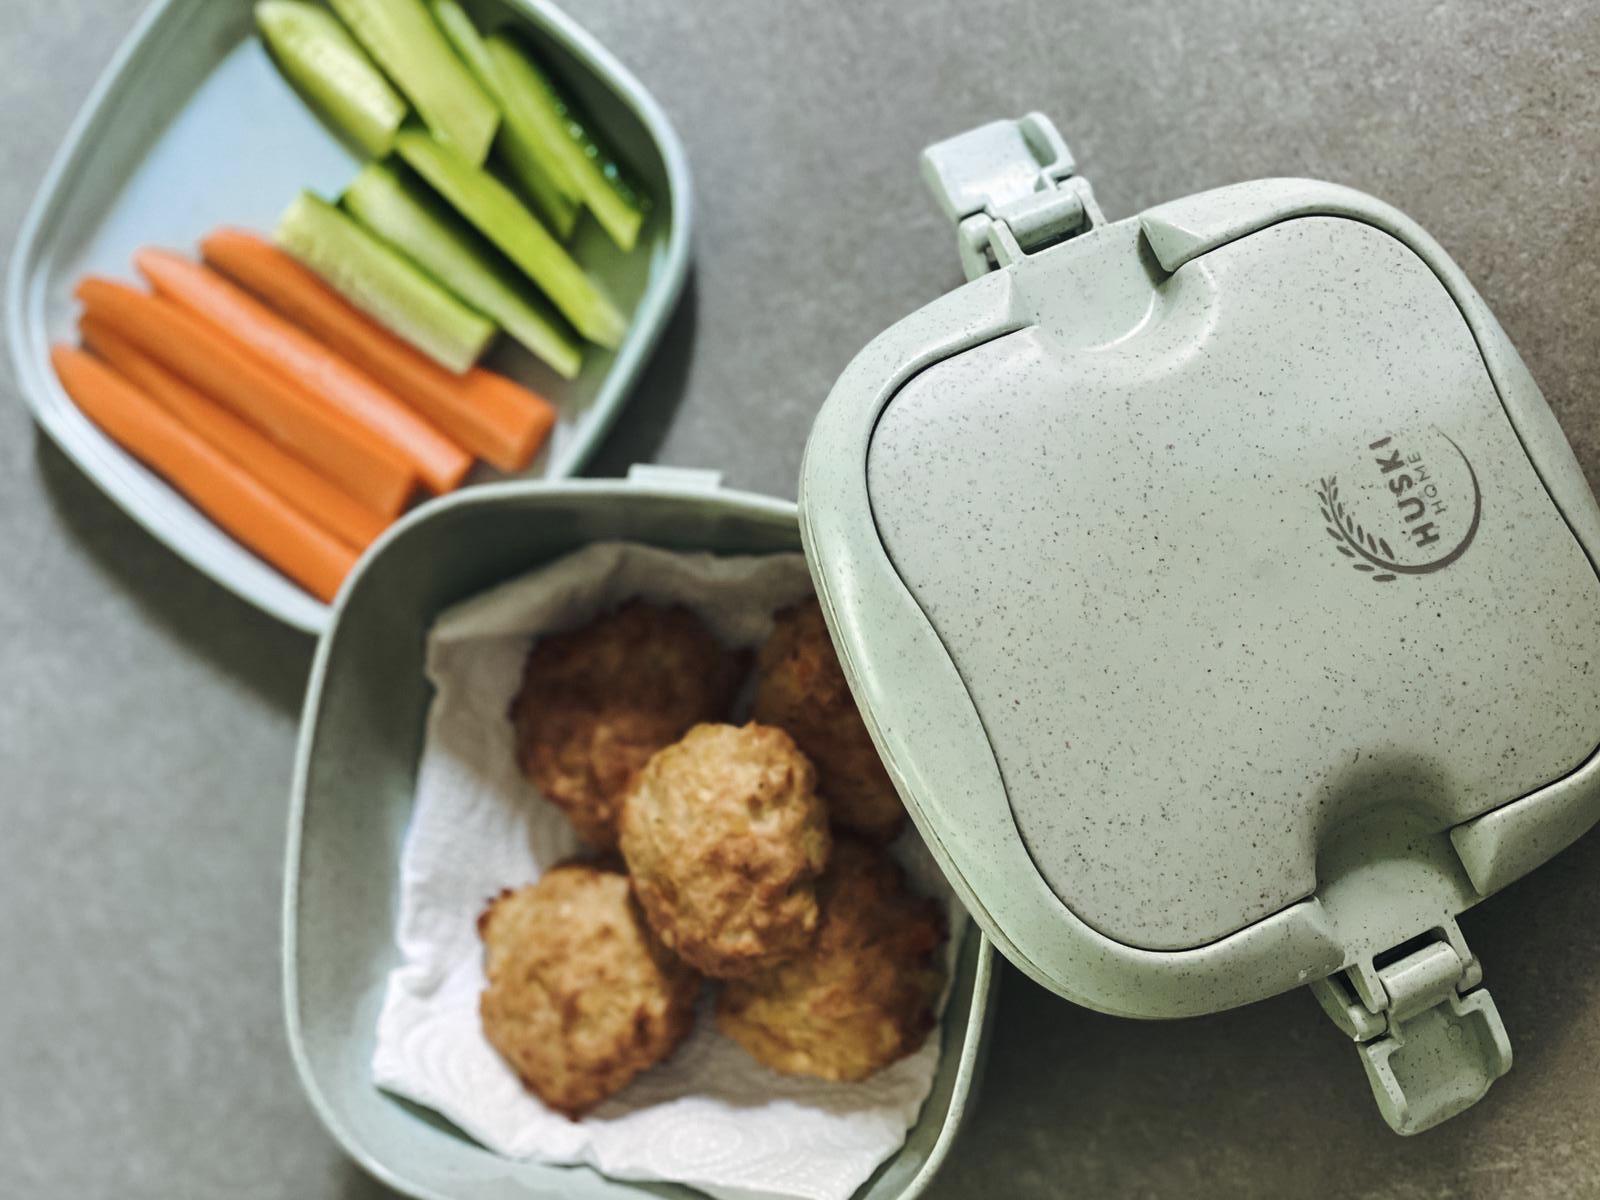 מכינים את ארוחת העשר עבור ילדיכם? כדאי לכם לקרוא את הכתבה הבאה